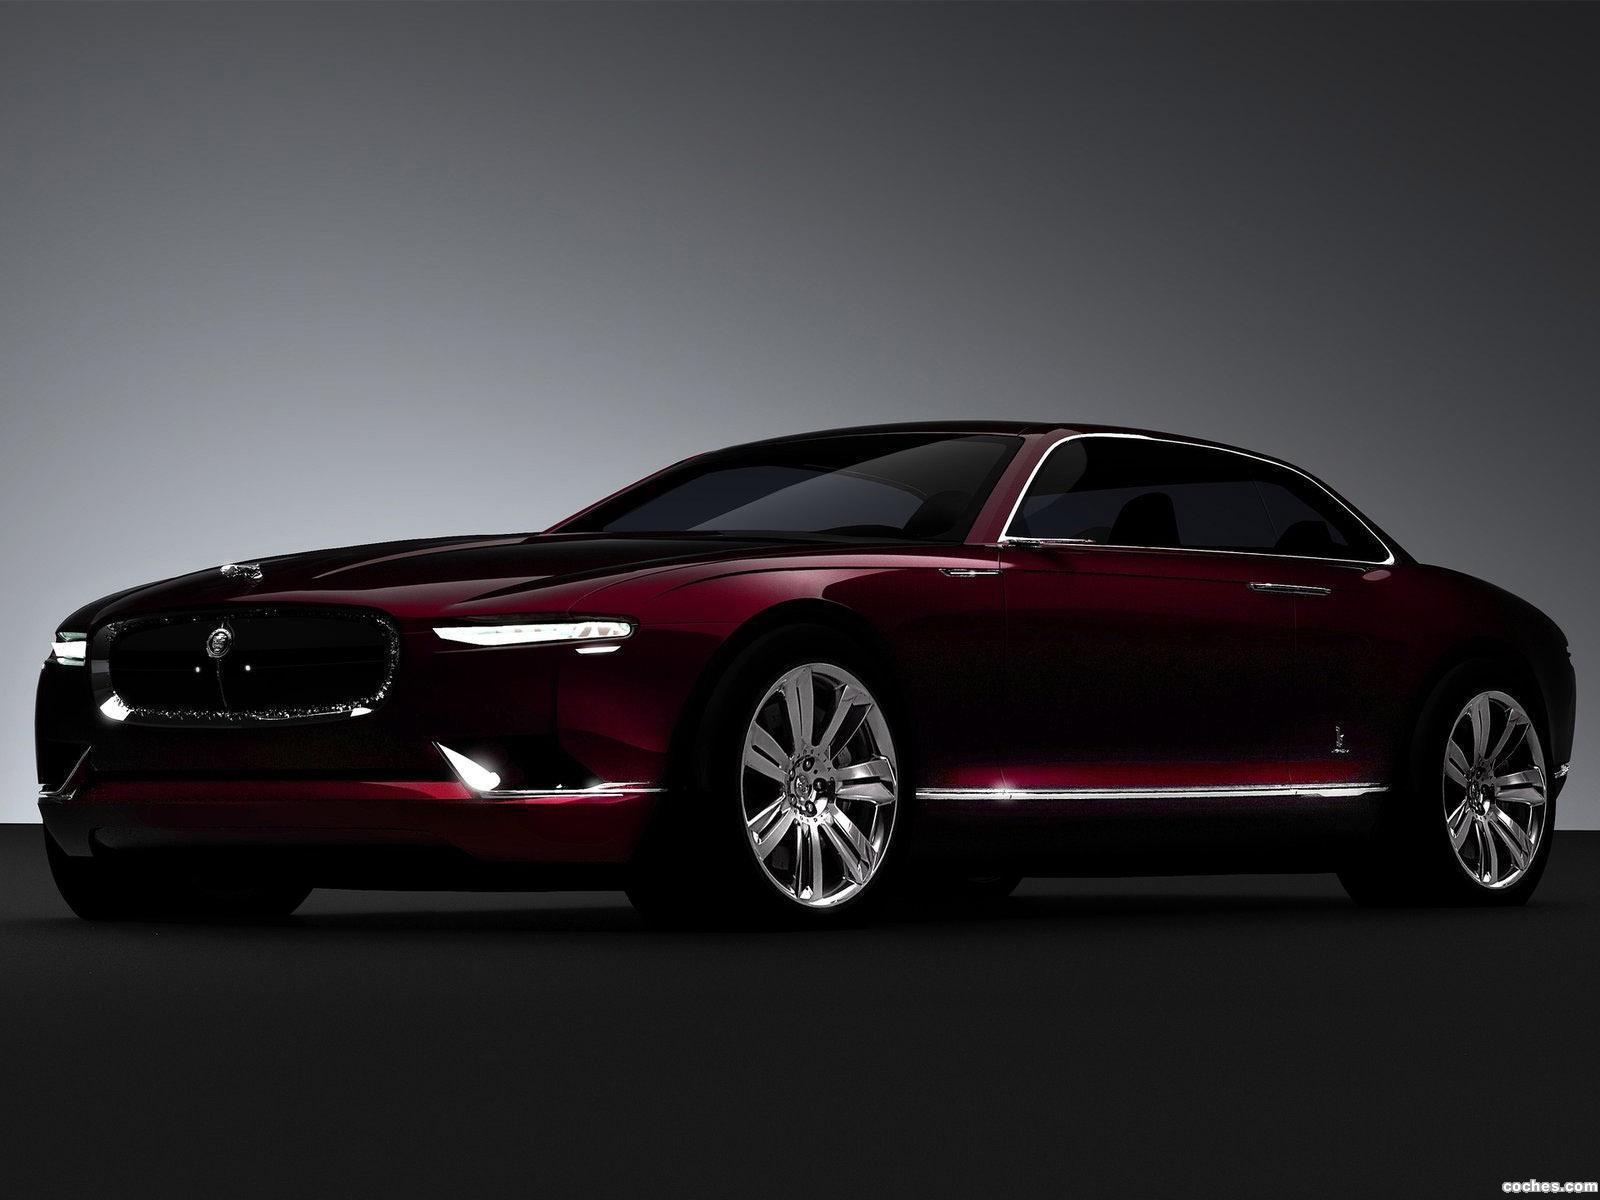 Foto 0 de Jaguar B99 Concept Bertone 2011